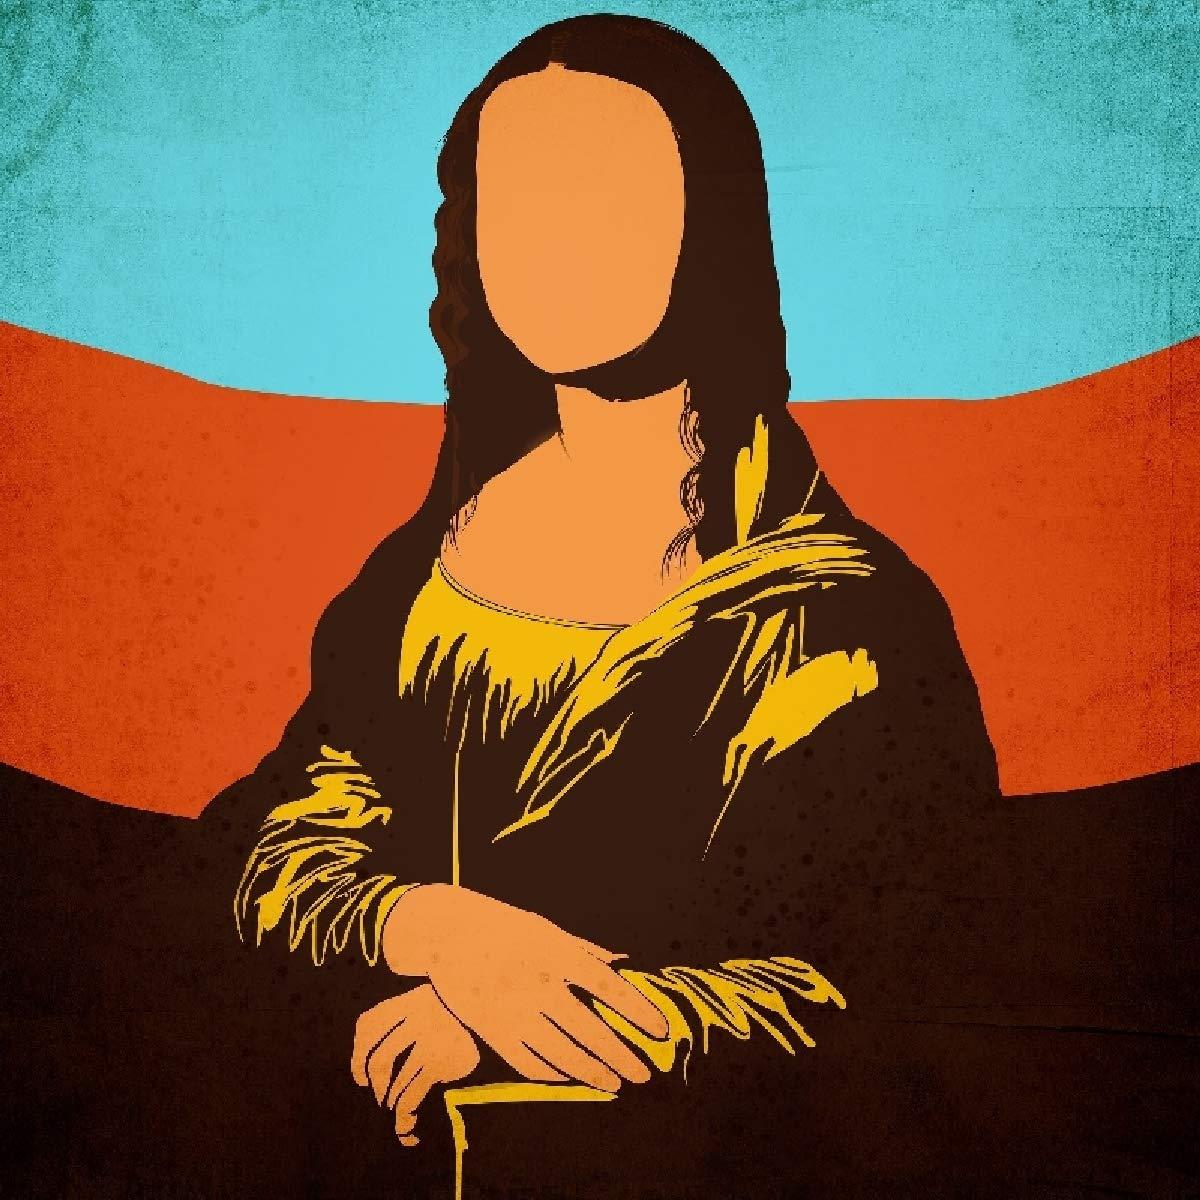 Vinilo : APOLLO BROWN & JOELL ORTIZ - Mona Lisa (LP Vinyl)